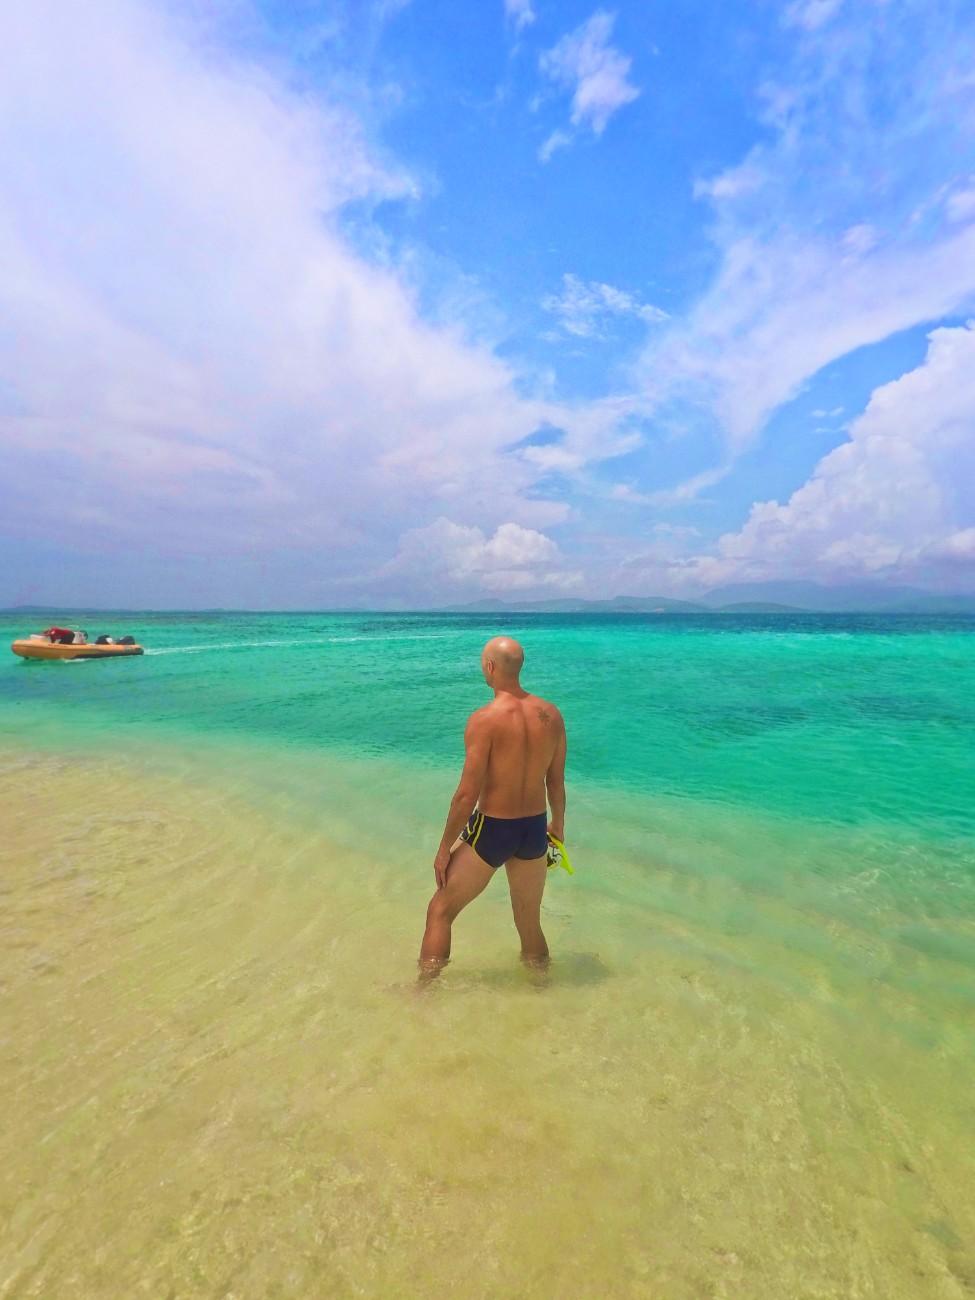 Rob-Taylor-on-Isla-Palomino-El-Conquistador-Puerto-Rico-6.jpg